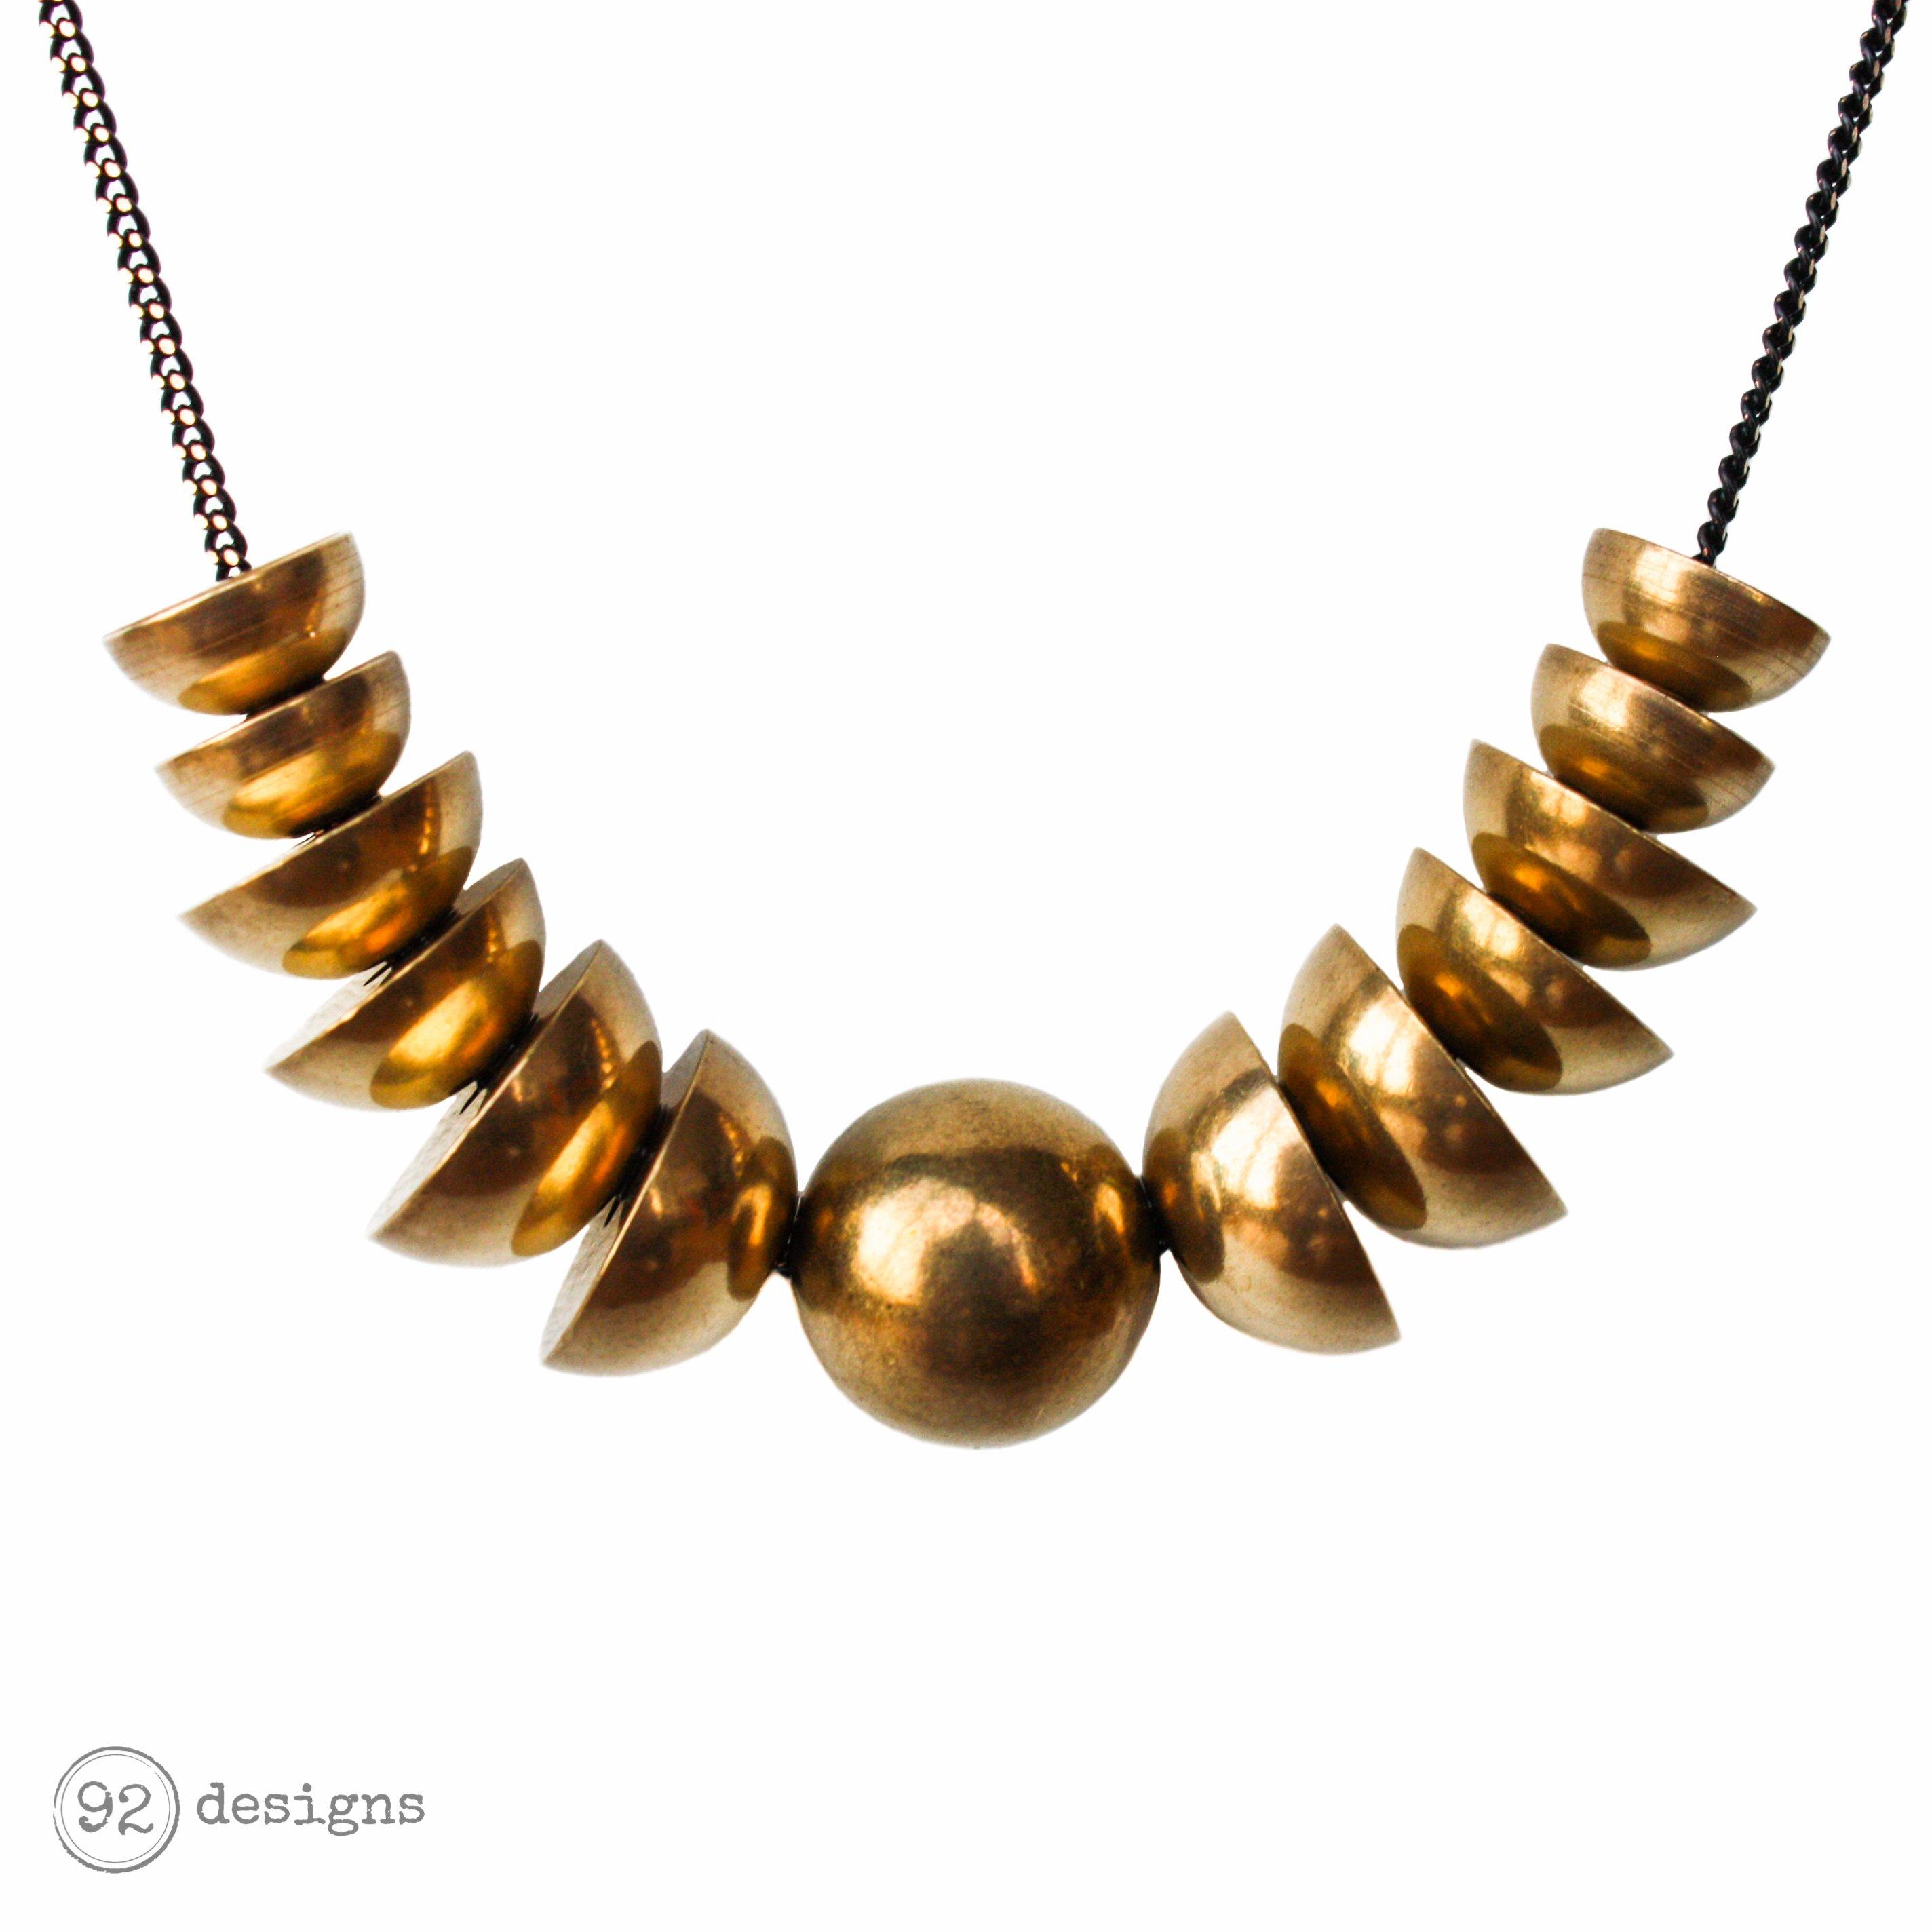 Half Spheres Necklace - close